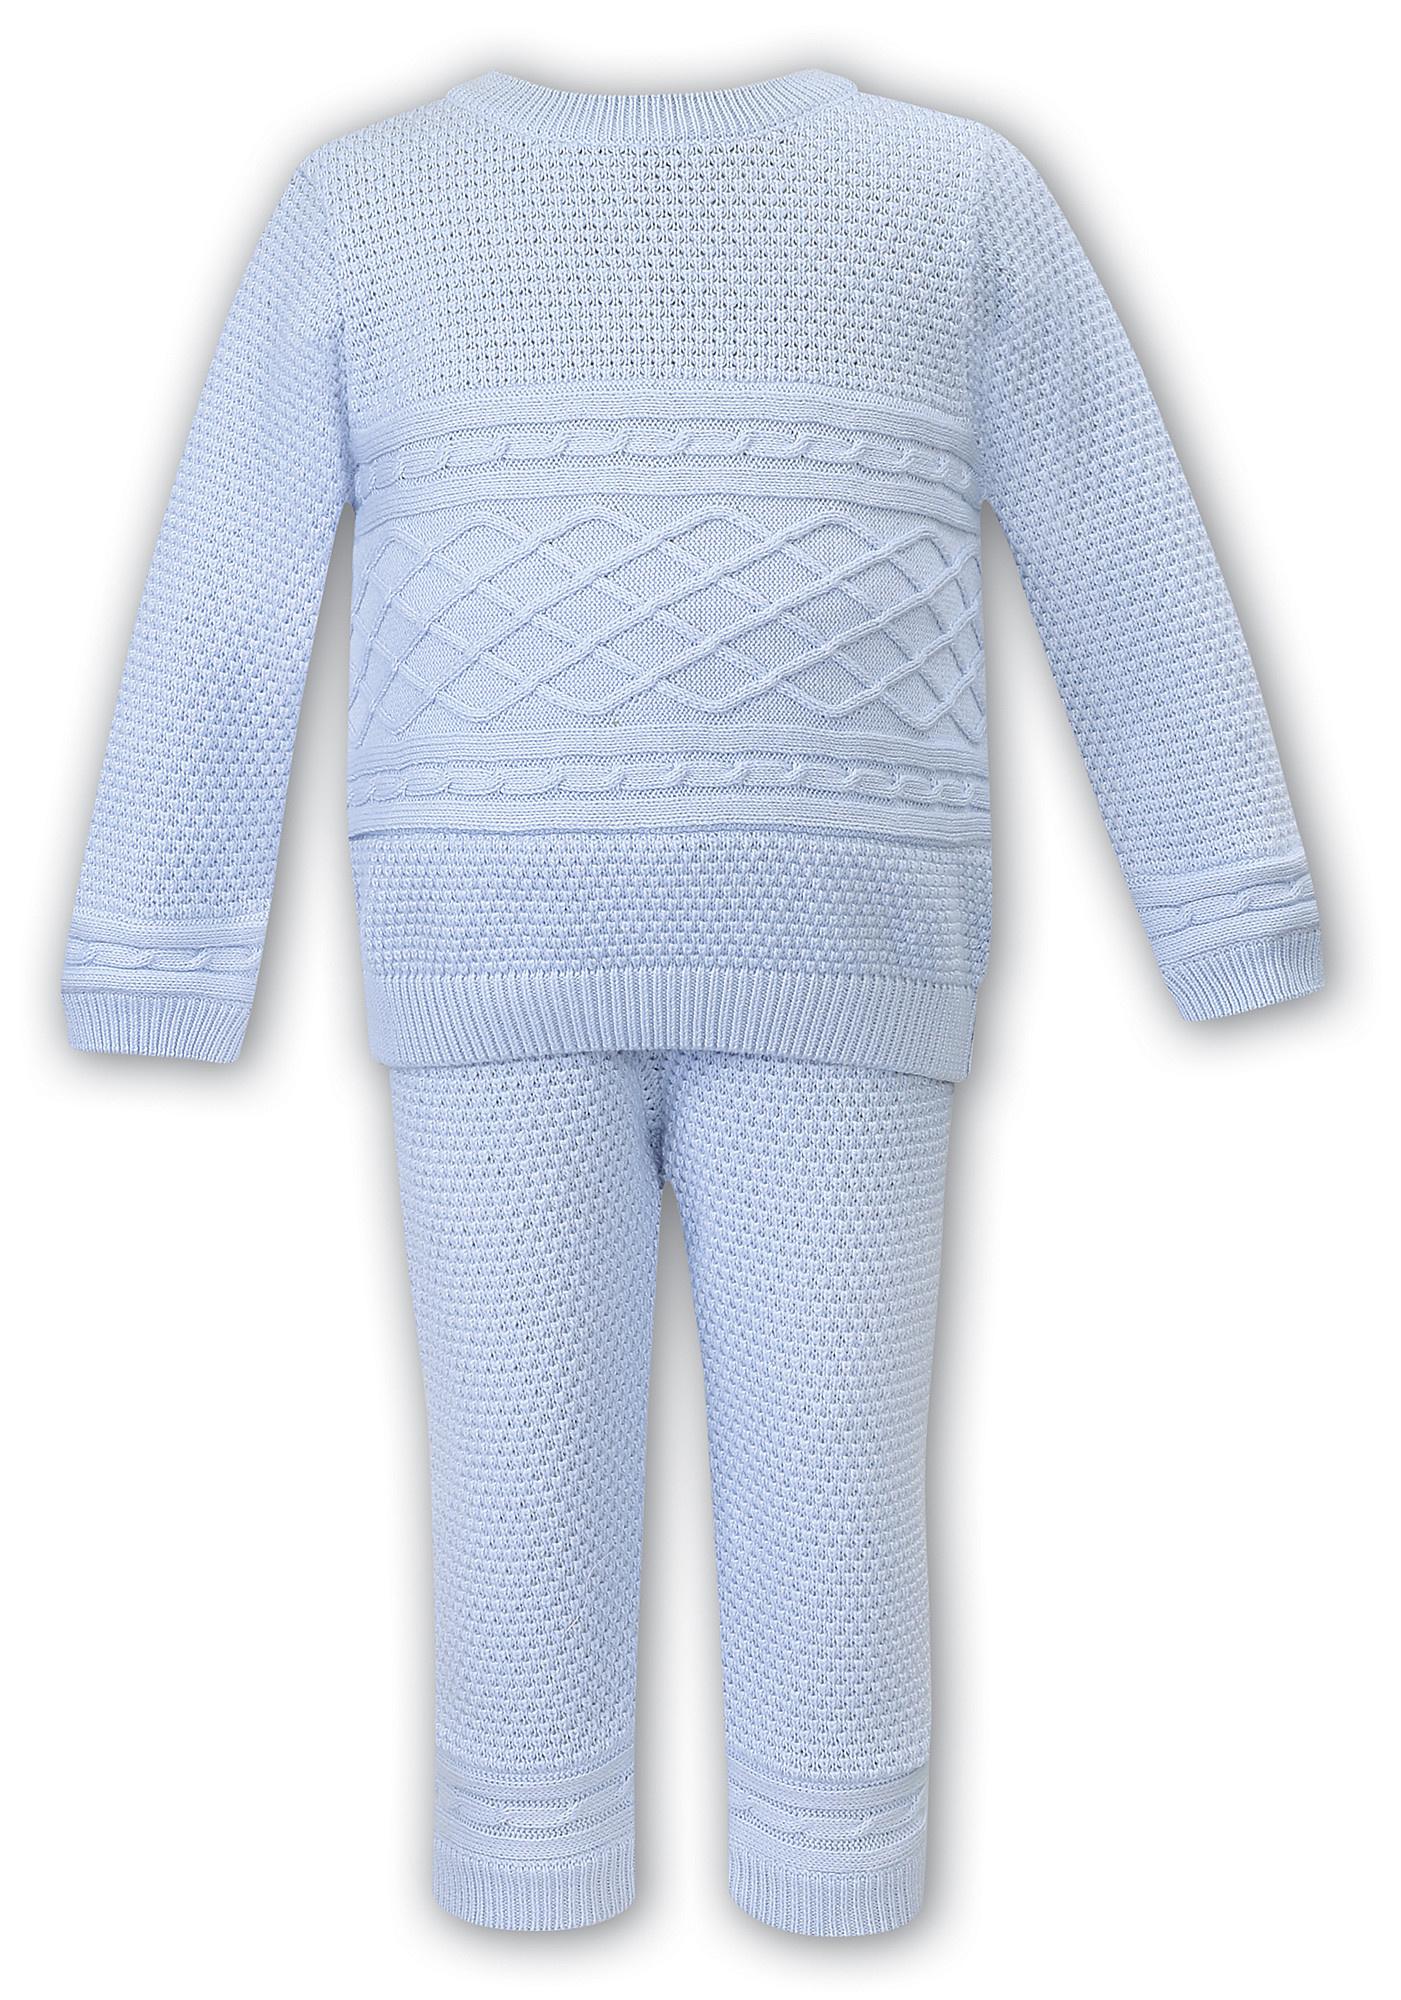 Sarah Louise Dani D09351 Pale Blue 2 Piece Knit Set